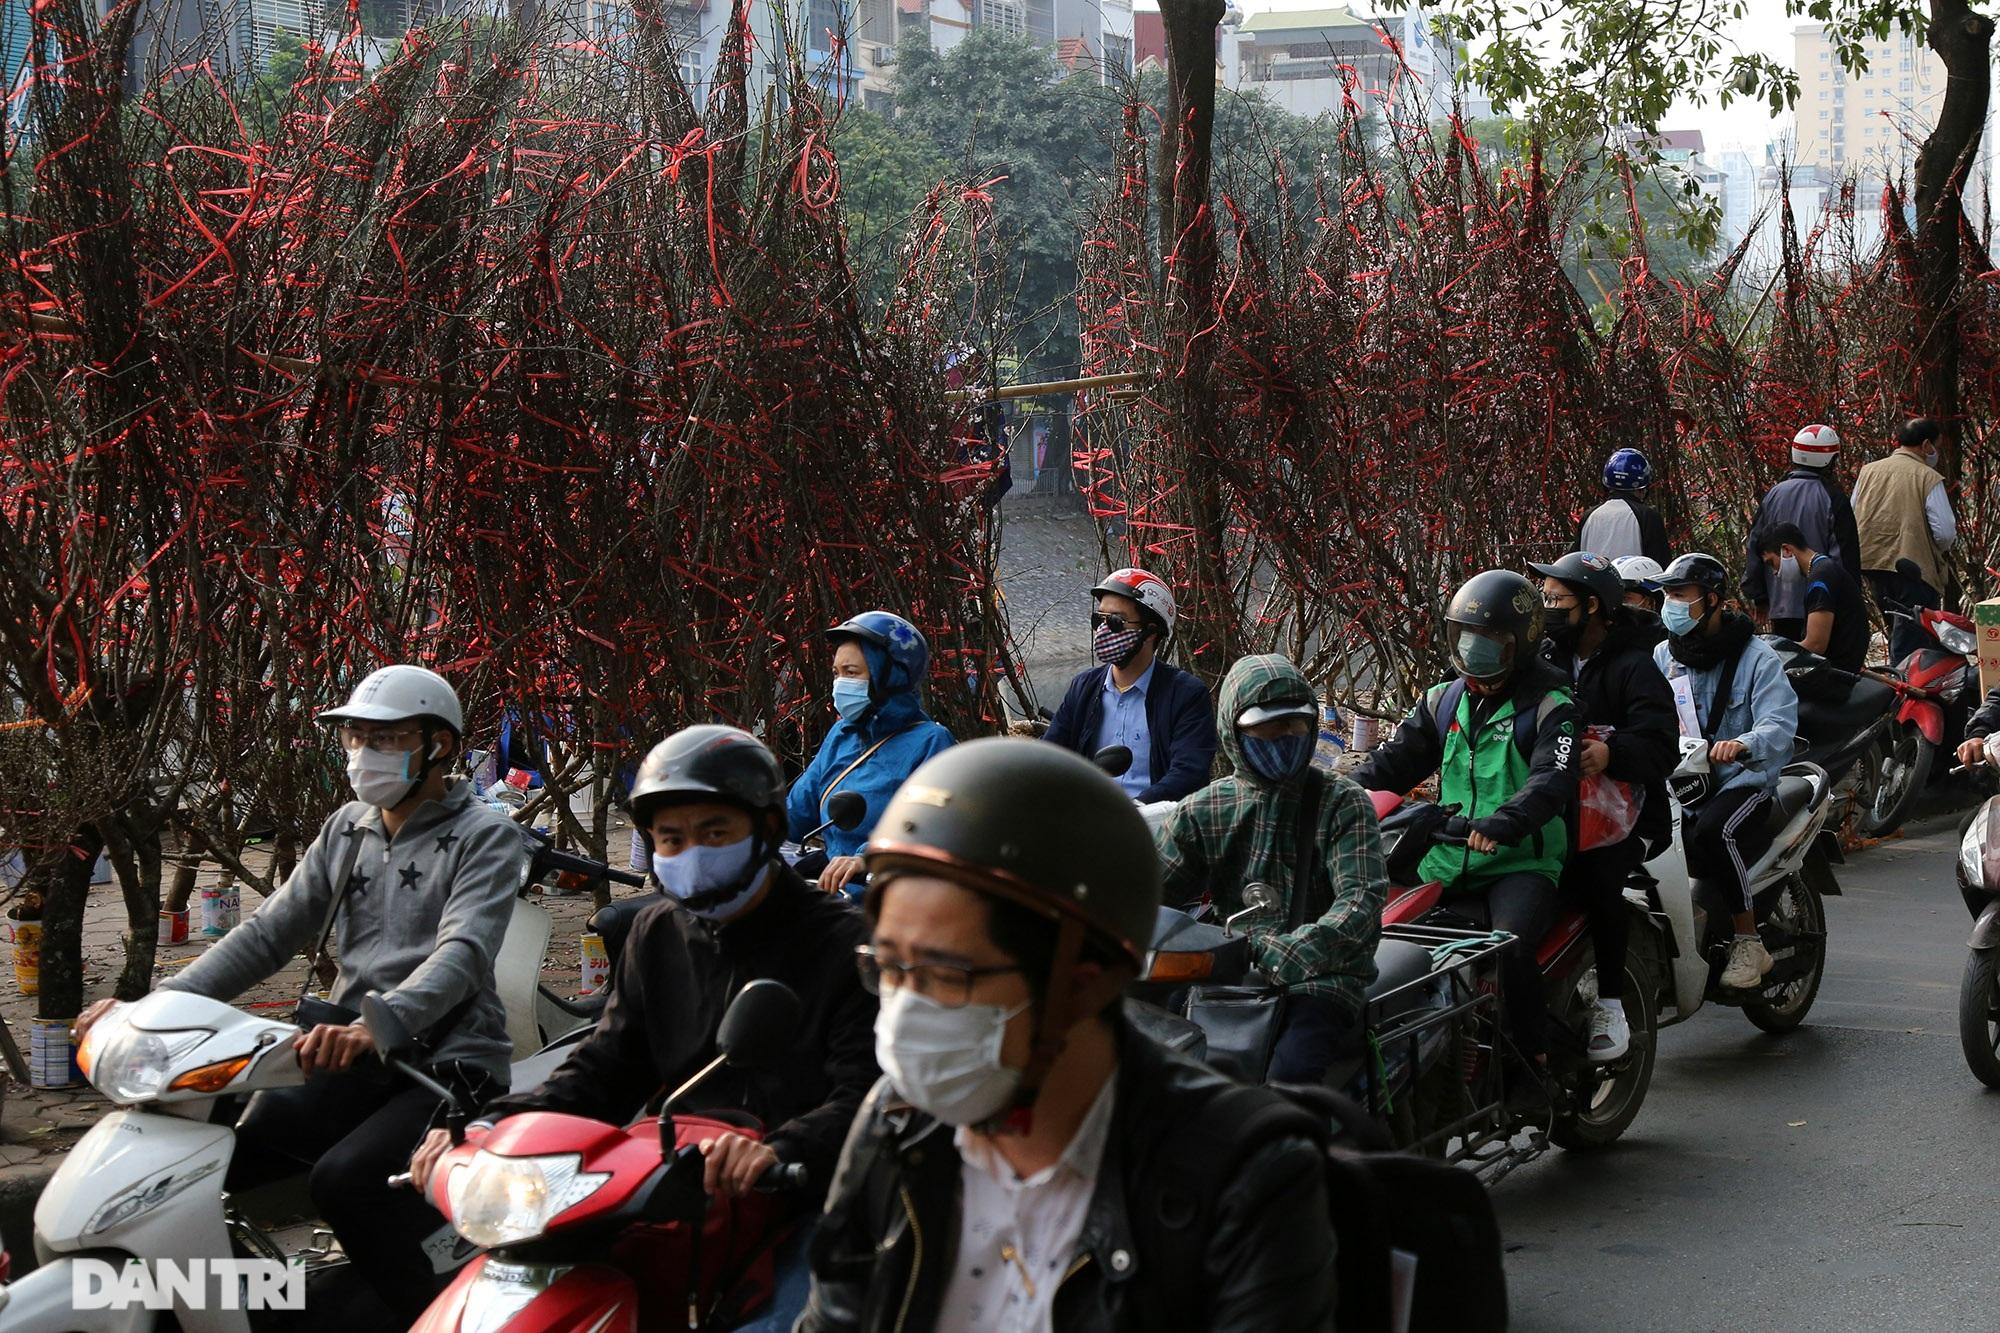 Chợ hoa bày bán trên đường phố Hà Nội đông khách bất chấp dịch Covid-19 - 4